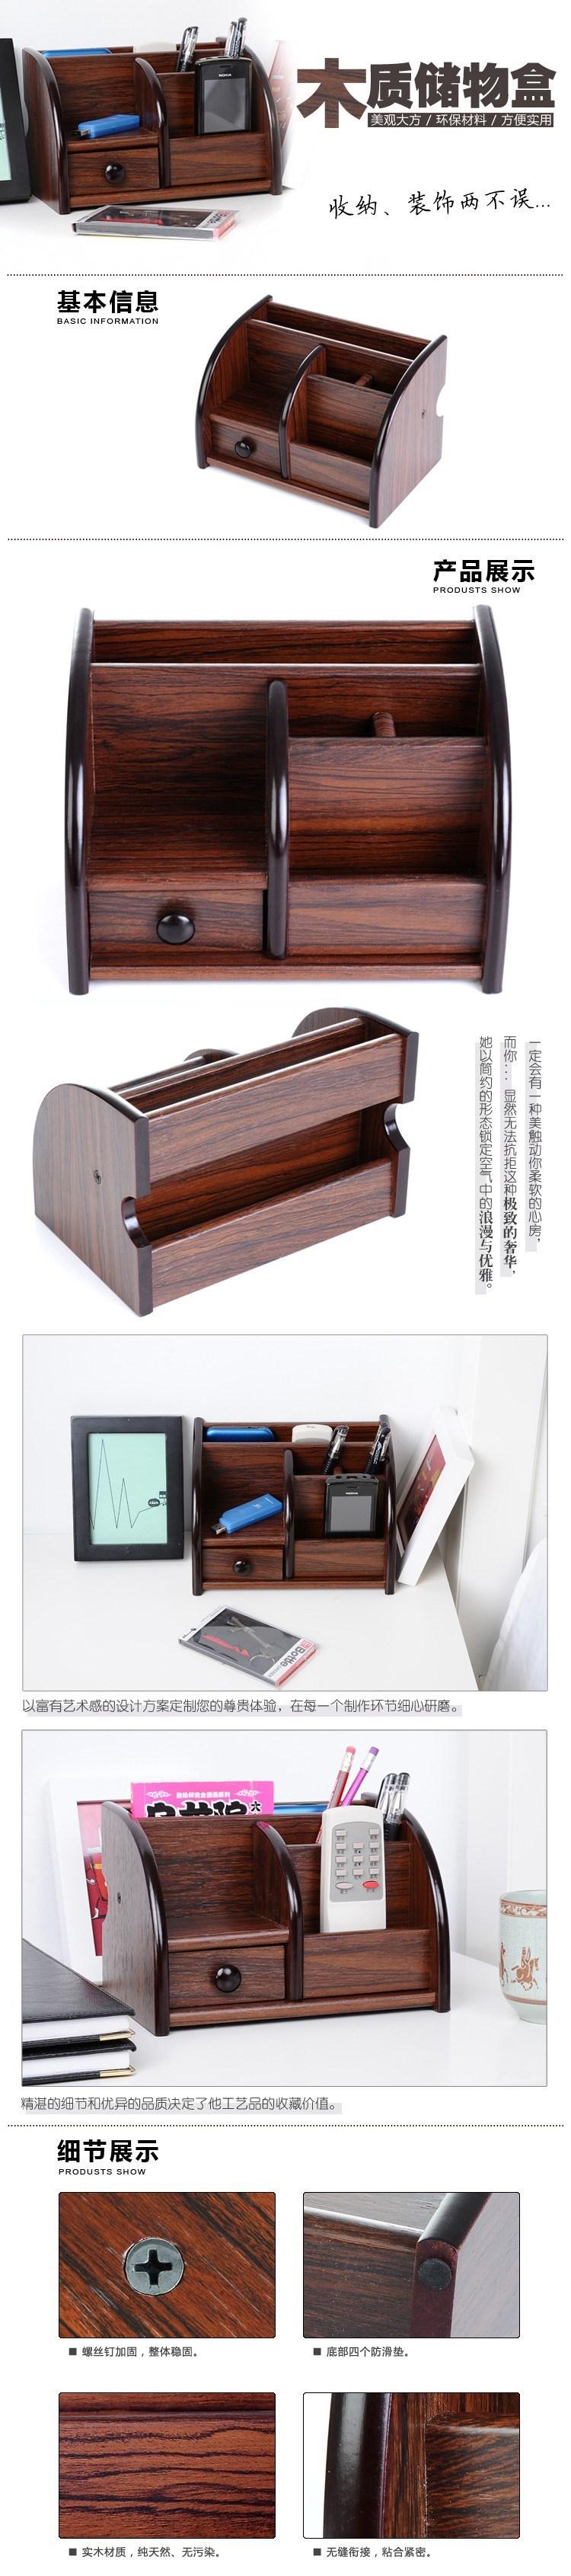 Подставка для ручек Man bao you chuan yi jia ju  2014051307